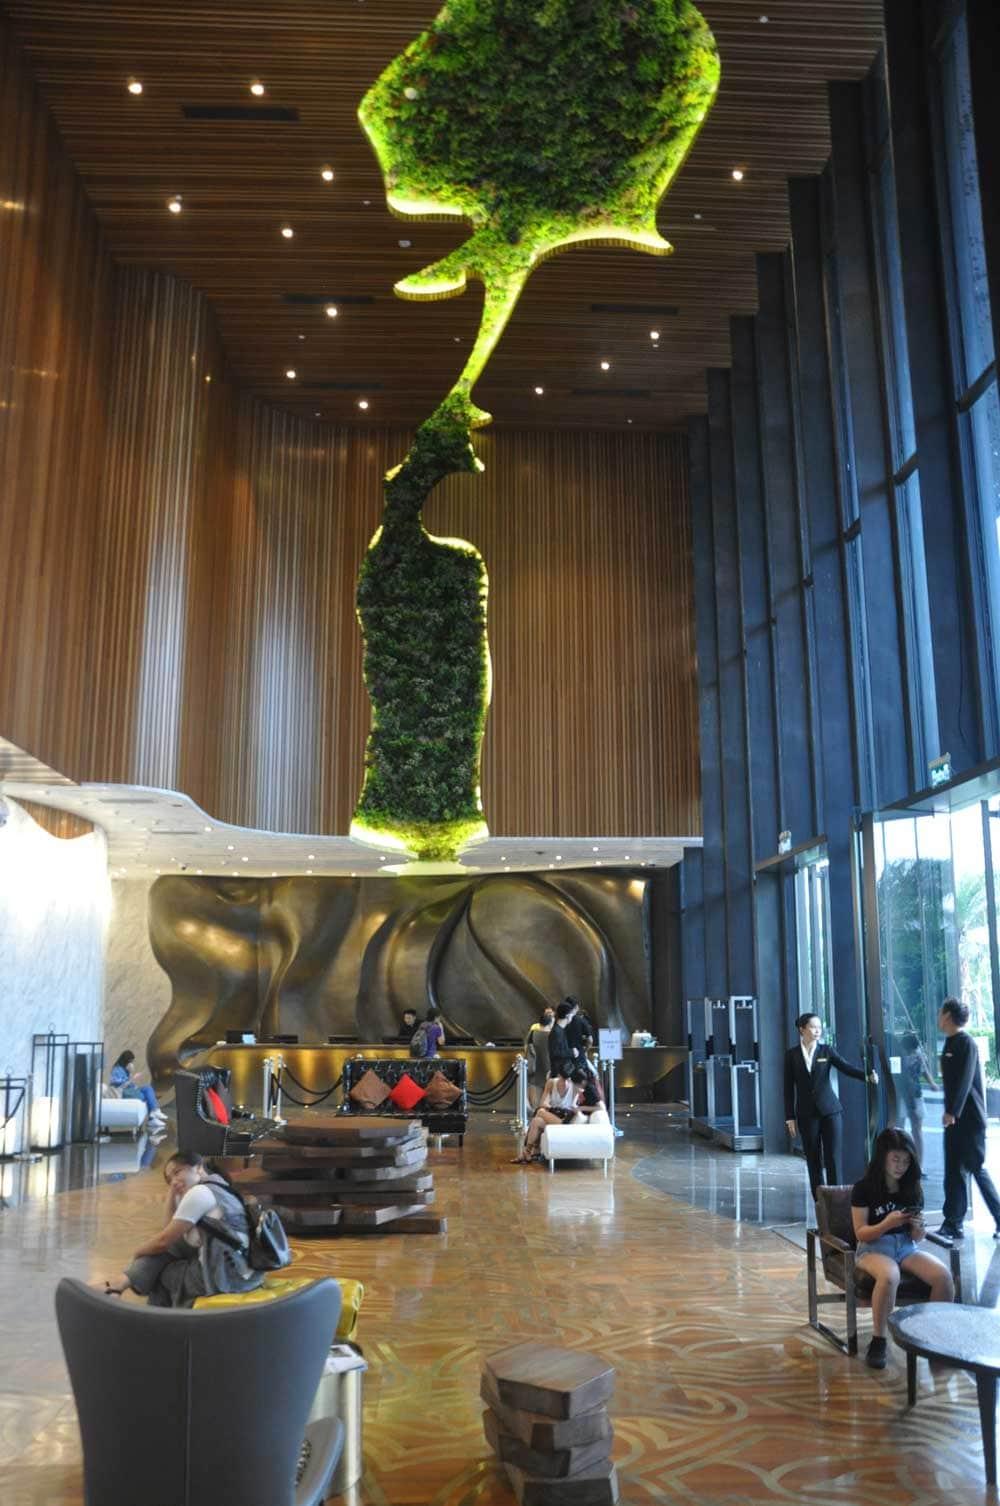 Macau Roosevelt lobby